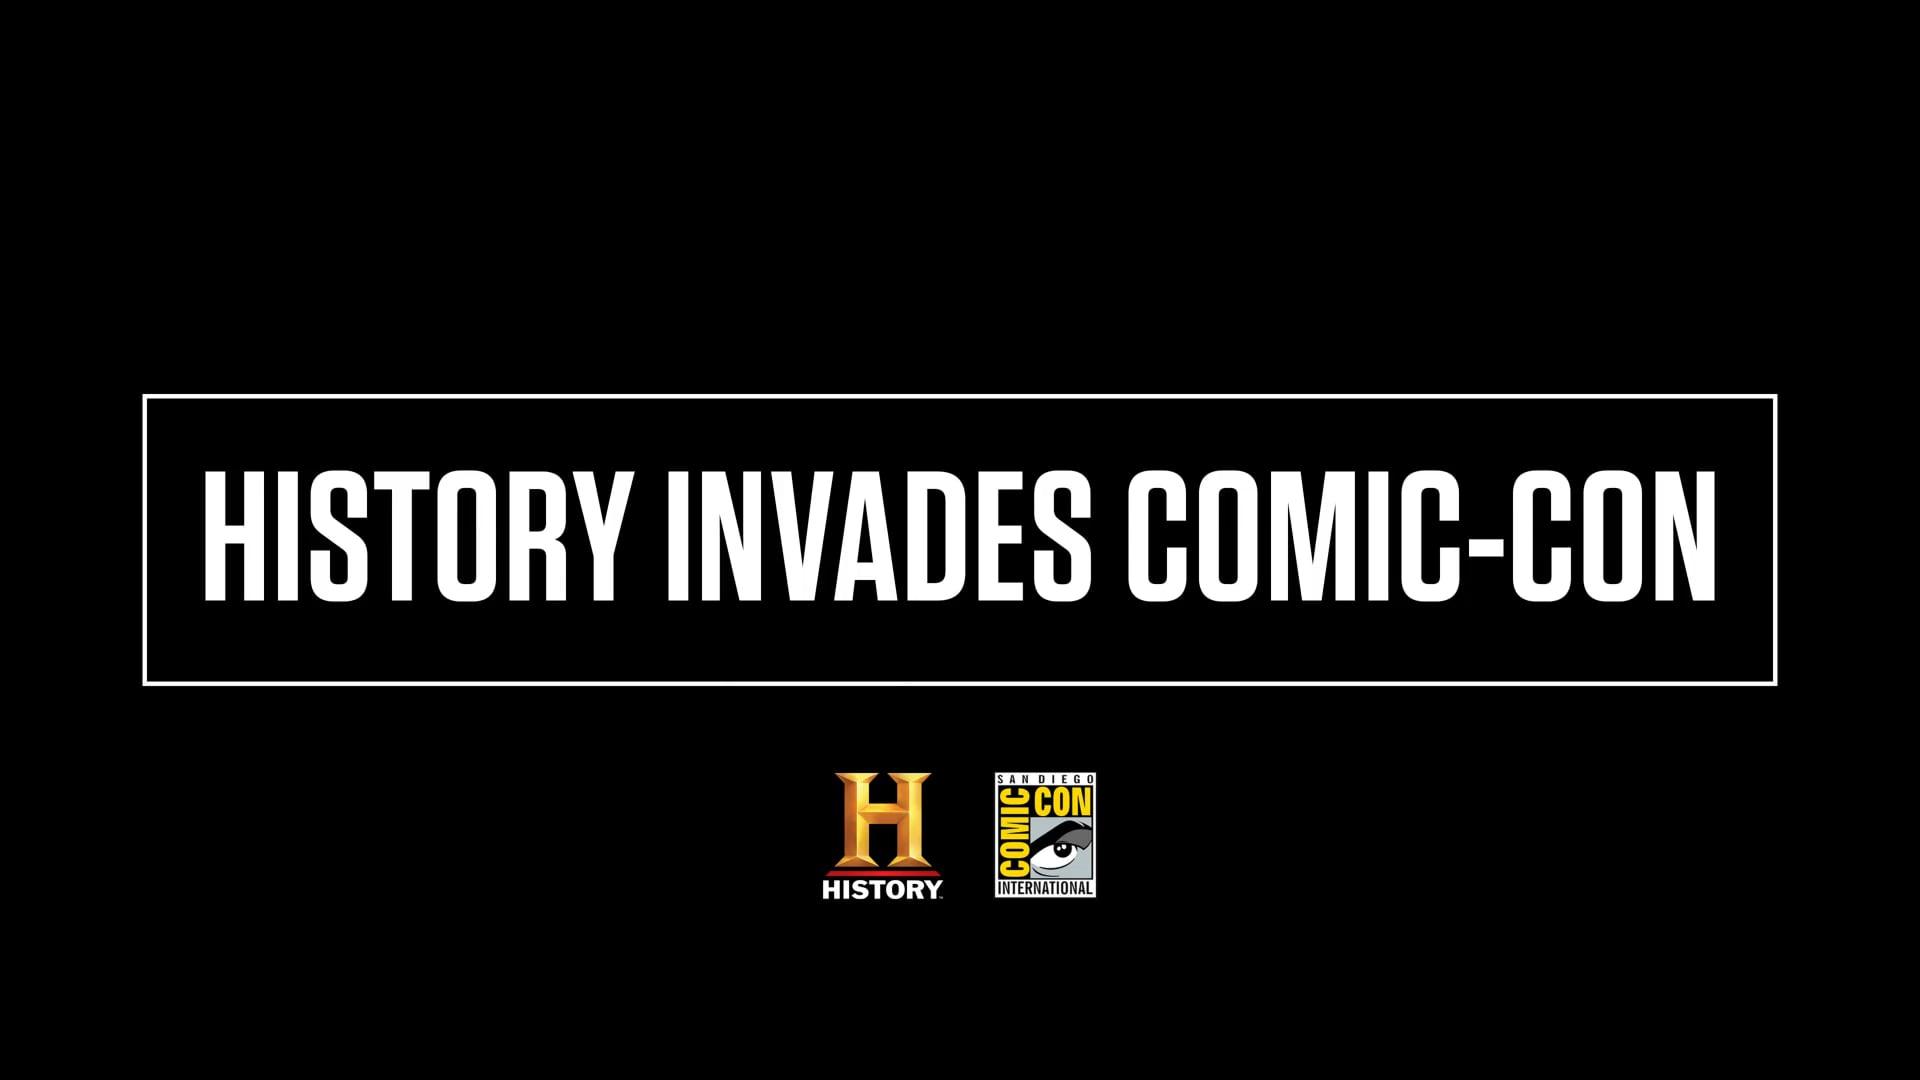 HISTORY INVADES COMIC-CON